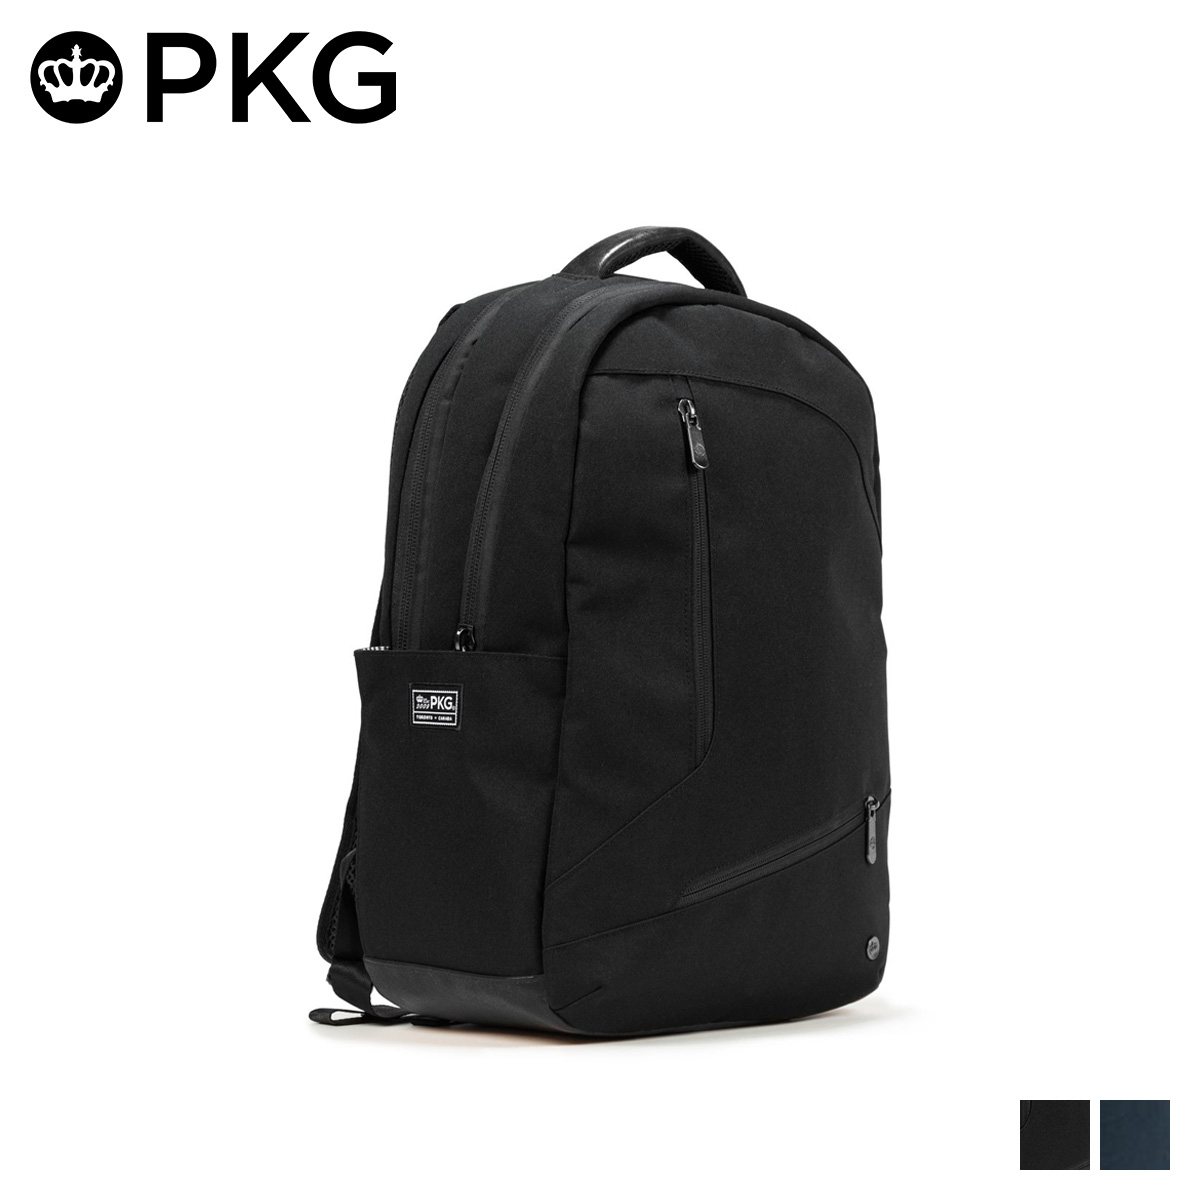 PKG DURHAM ピーケージー バッグ リュック バックパック メンズ レディース 25L ブラック ネイビー 黒 V2